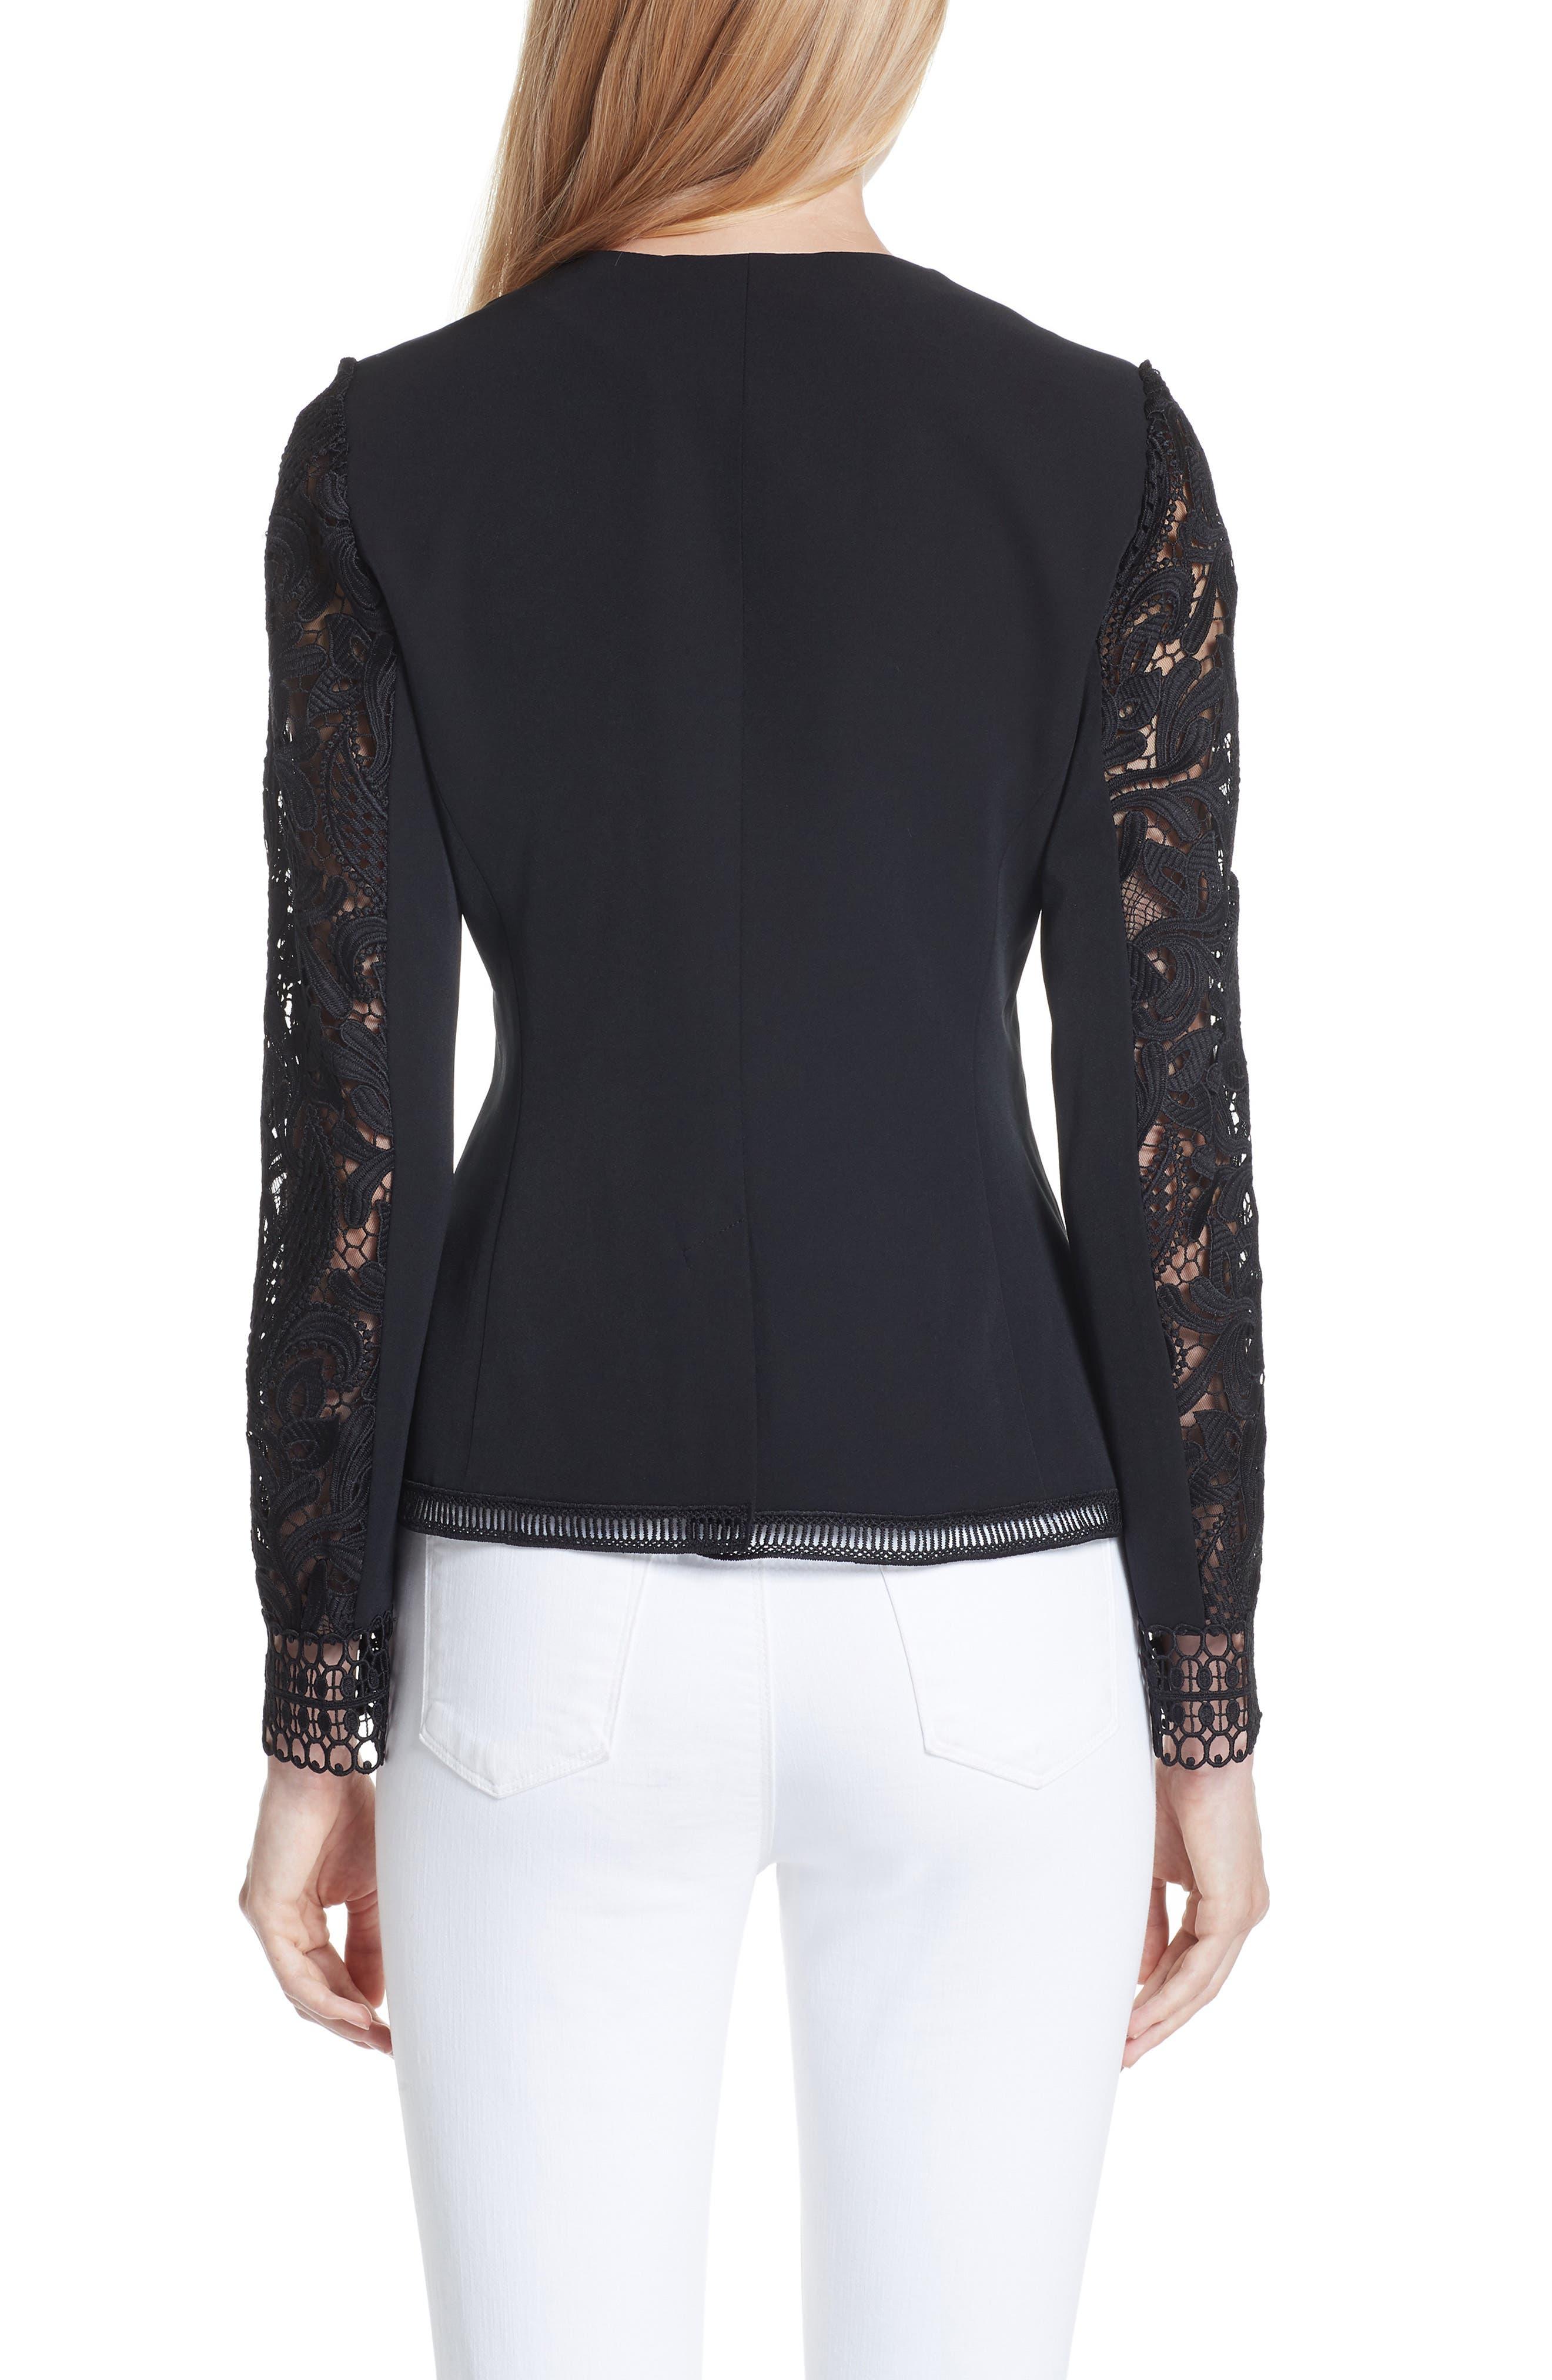 Liela Sheer Lace Panel Jacket,                             Alternate thumbnail 2, color,                             Black